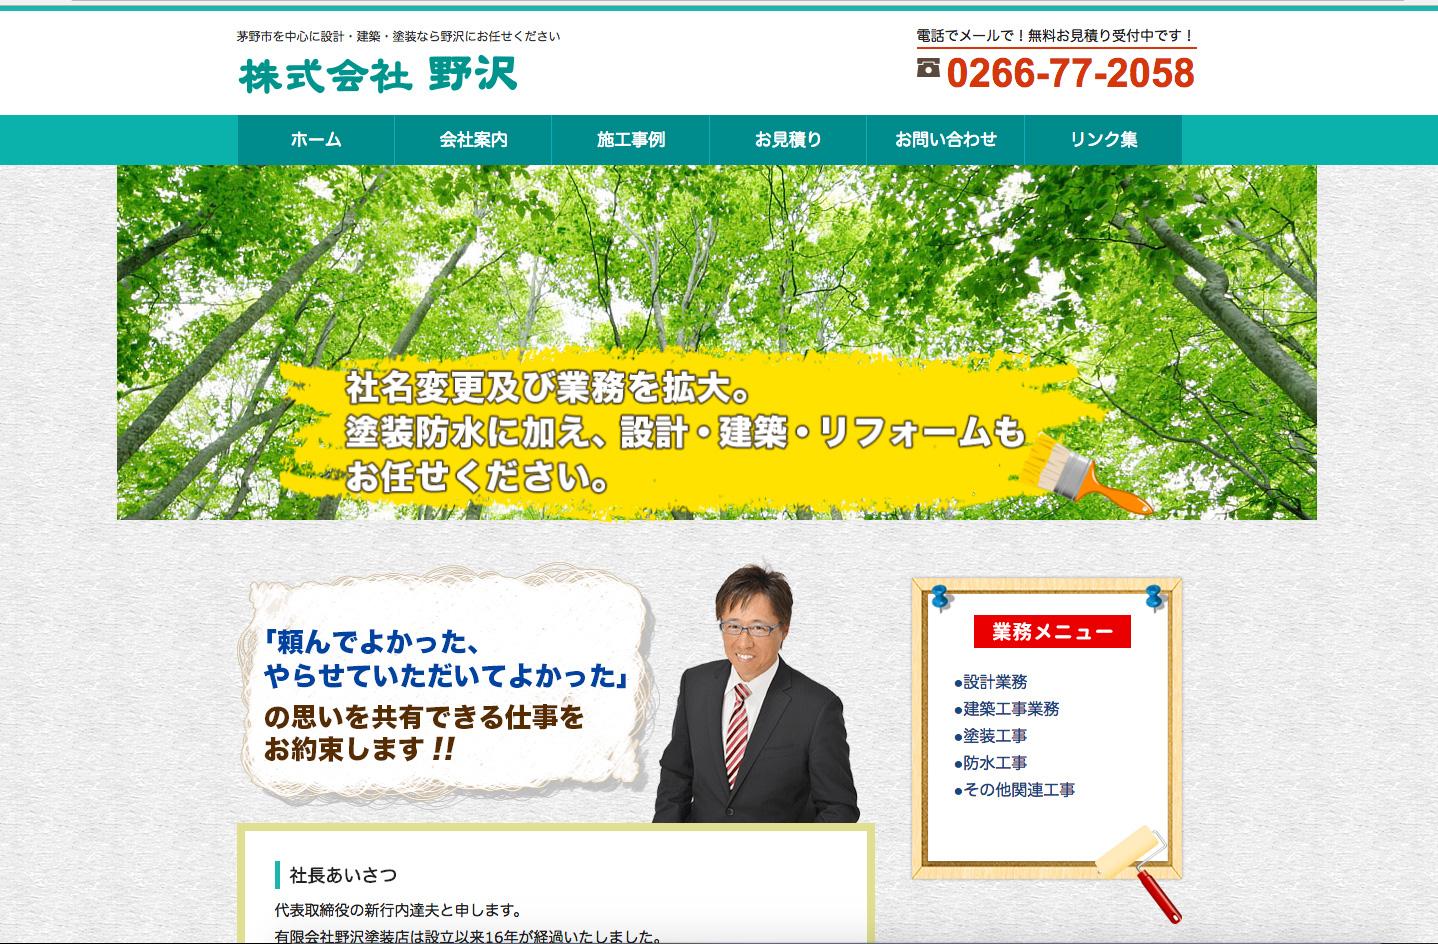 株式会社野沢様ホームページをリニューアル致しました。